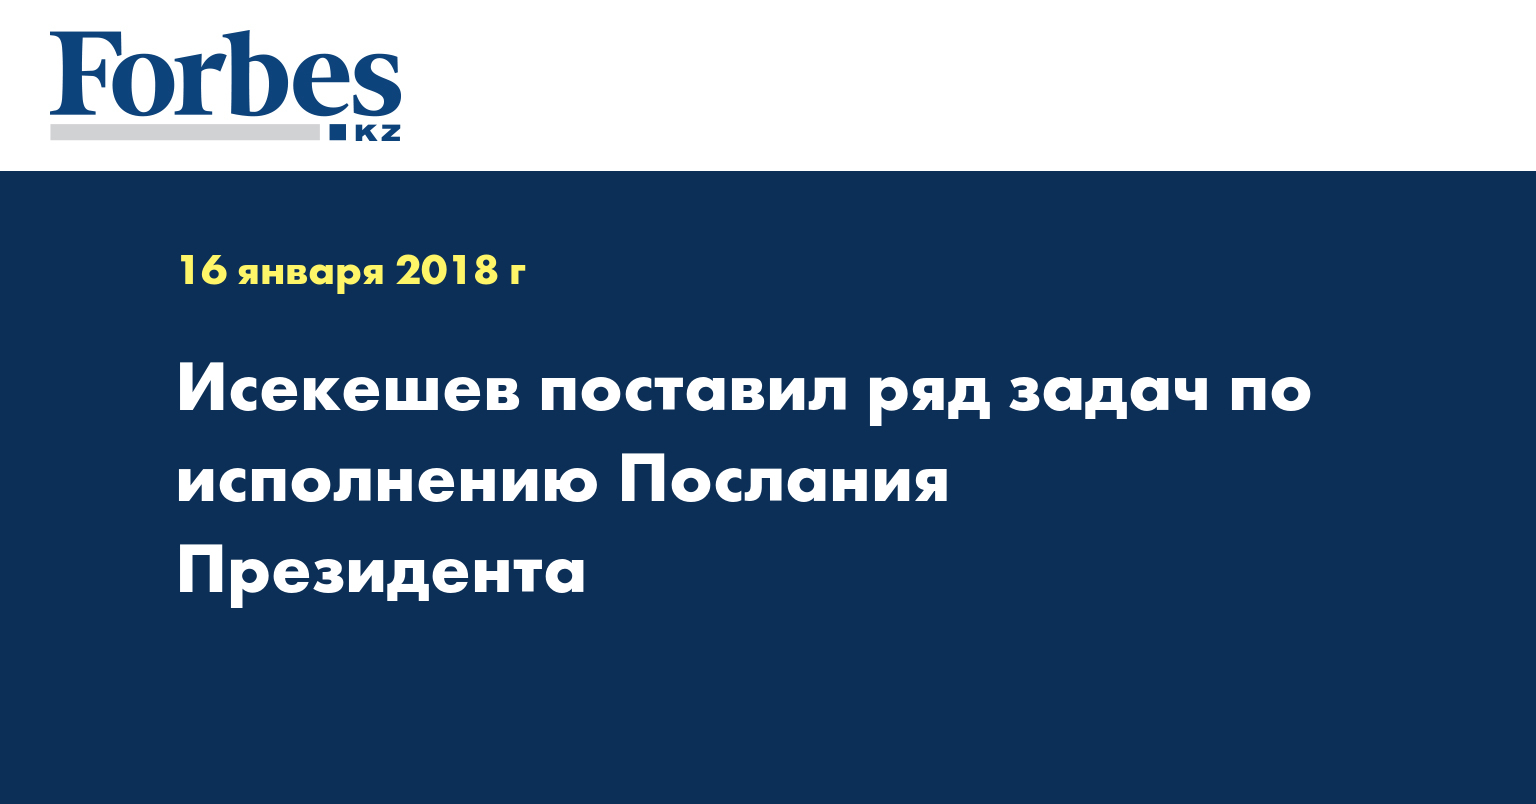 Исекешев поставил ряд задач по исполнению Послания Президента